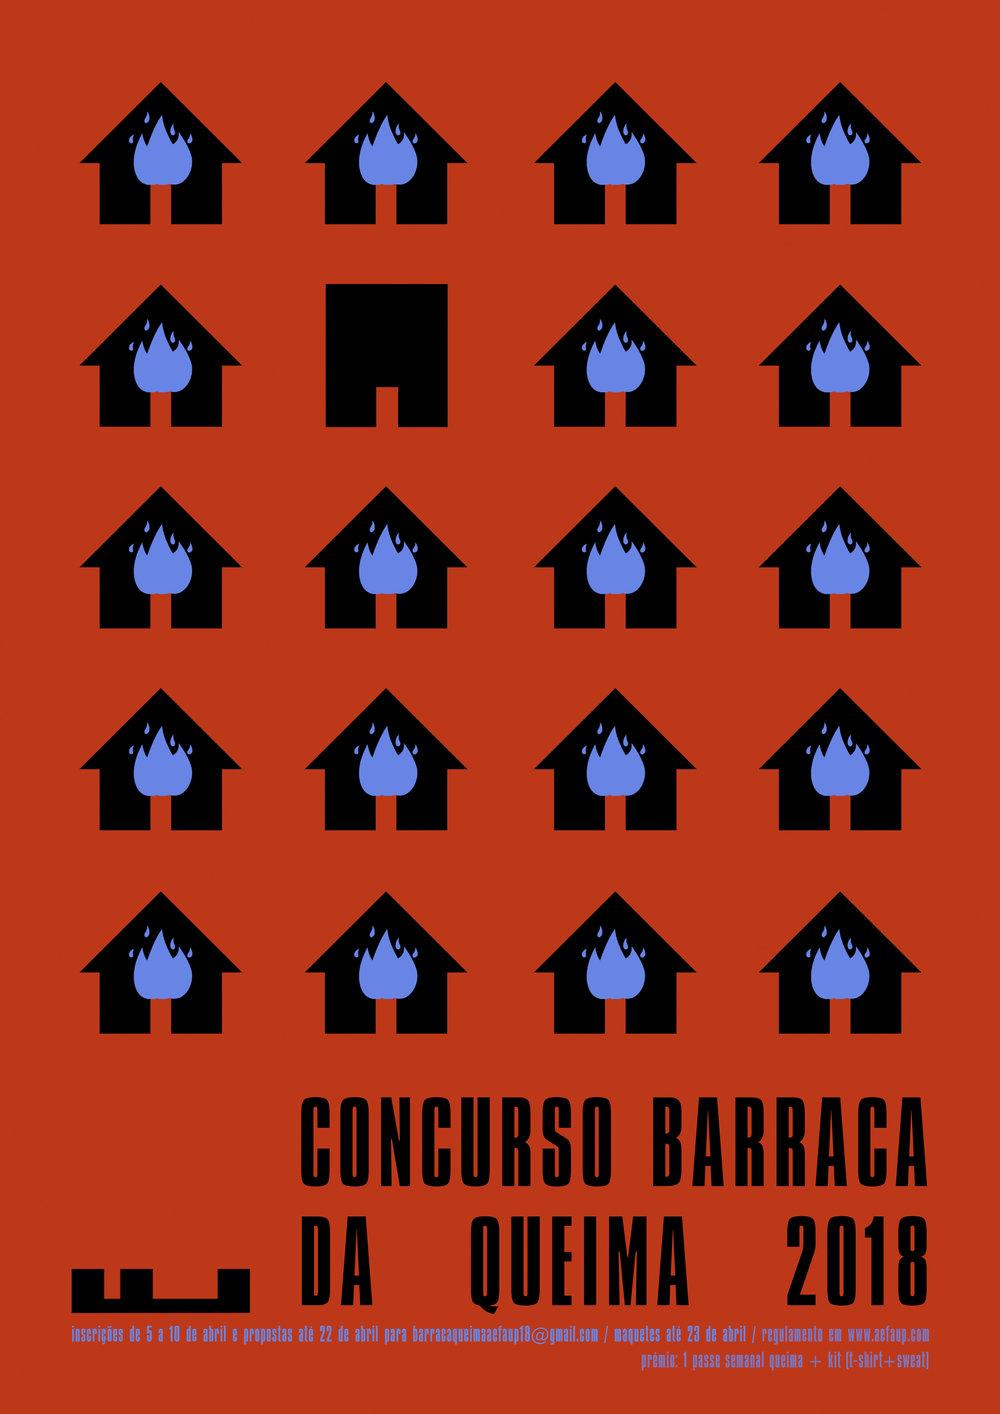 barraca_queimaPRNT.jpg